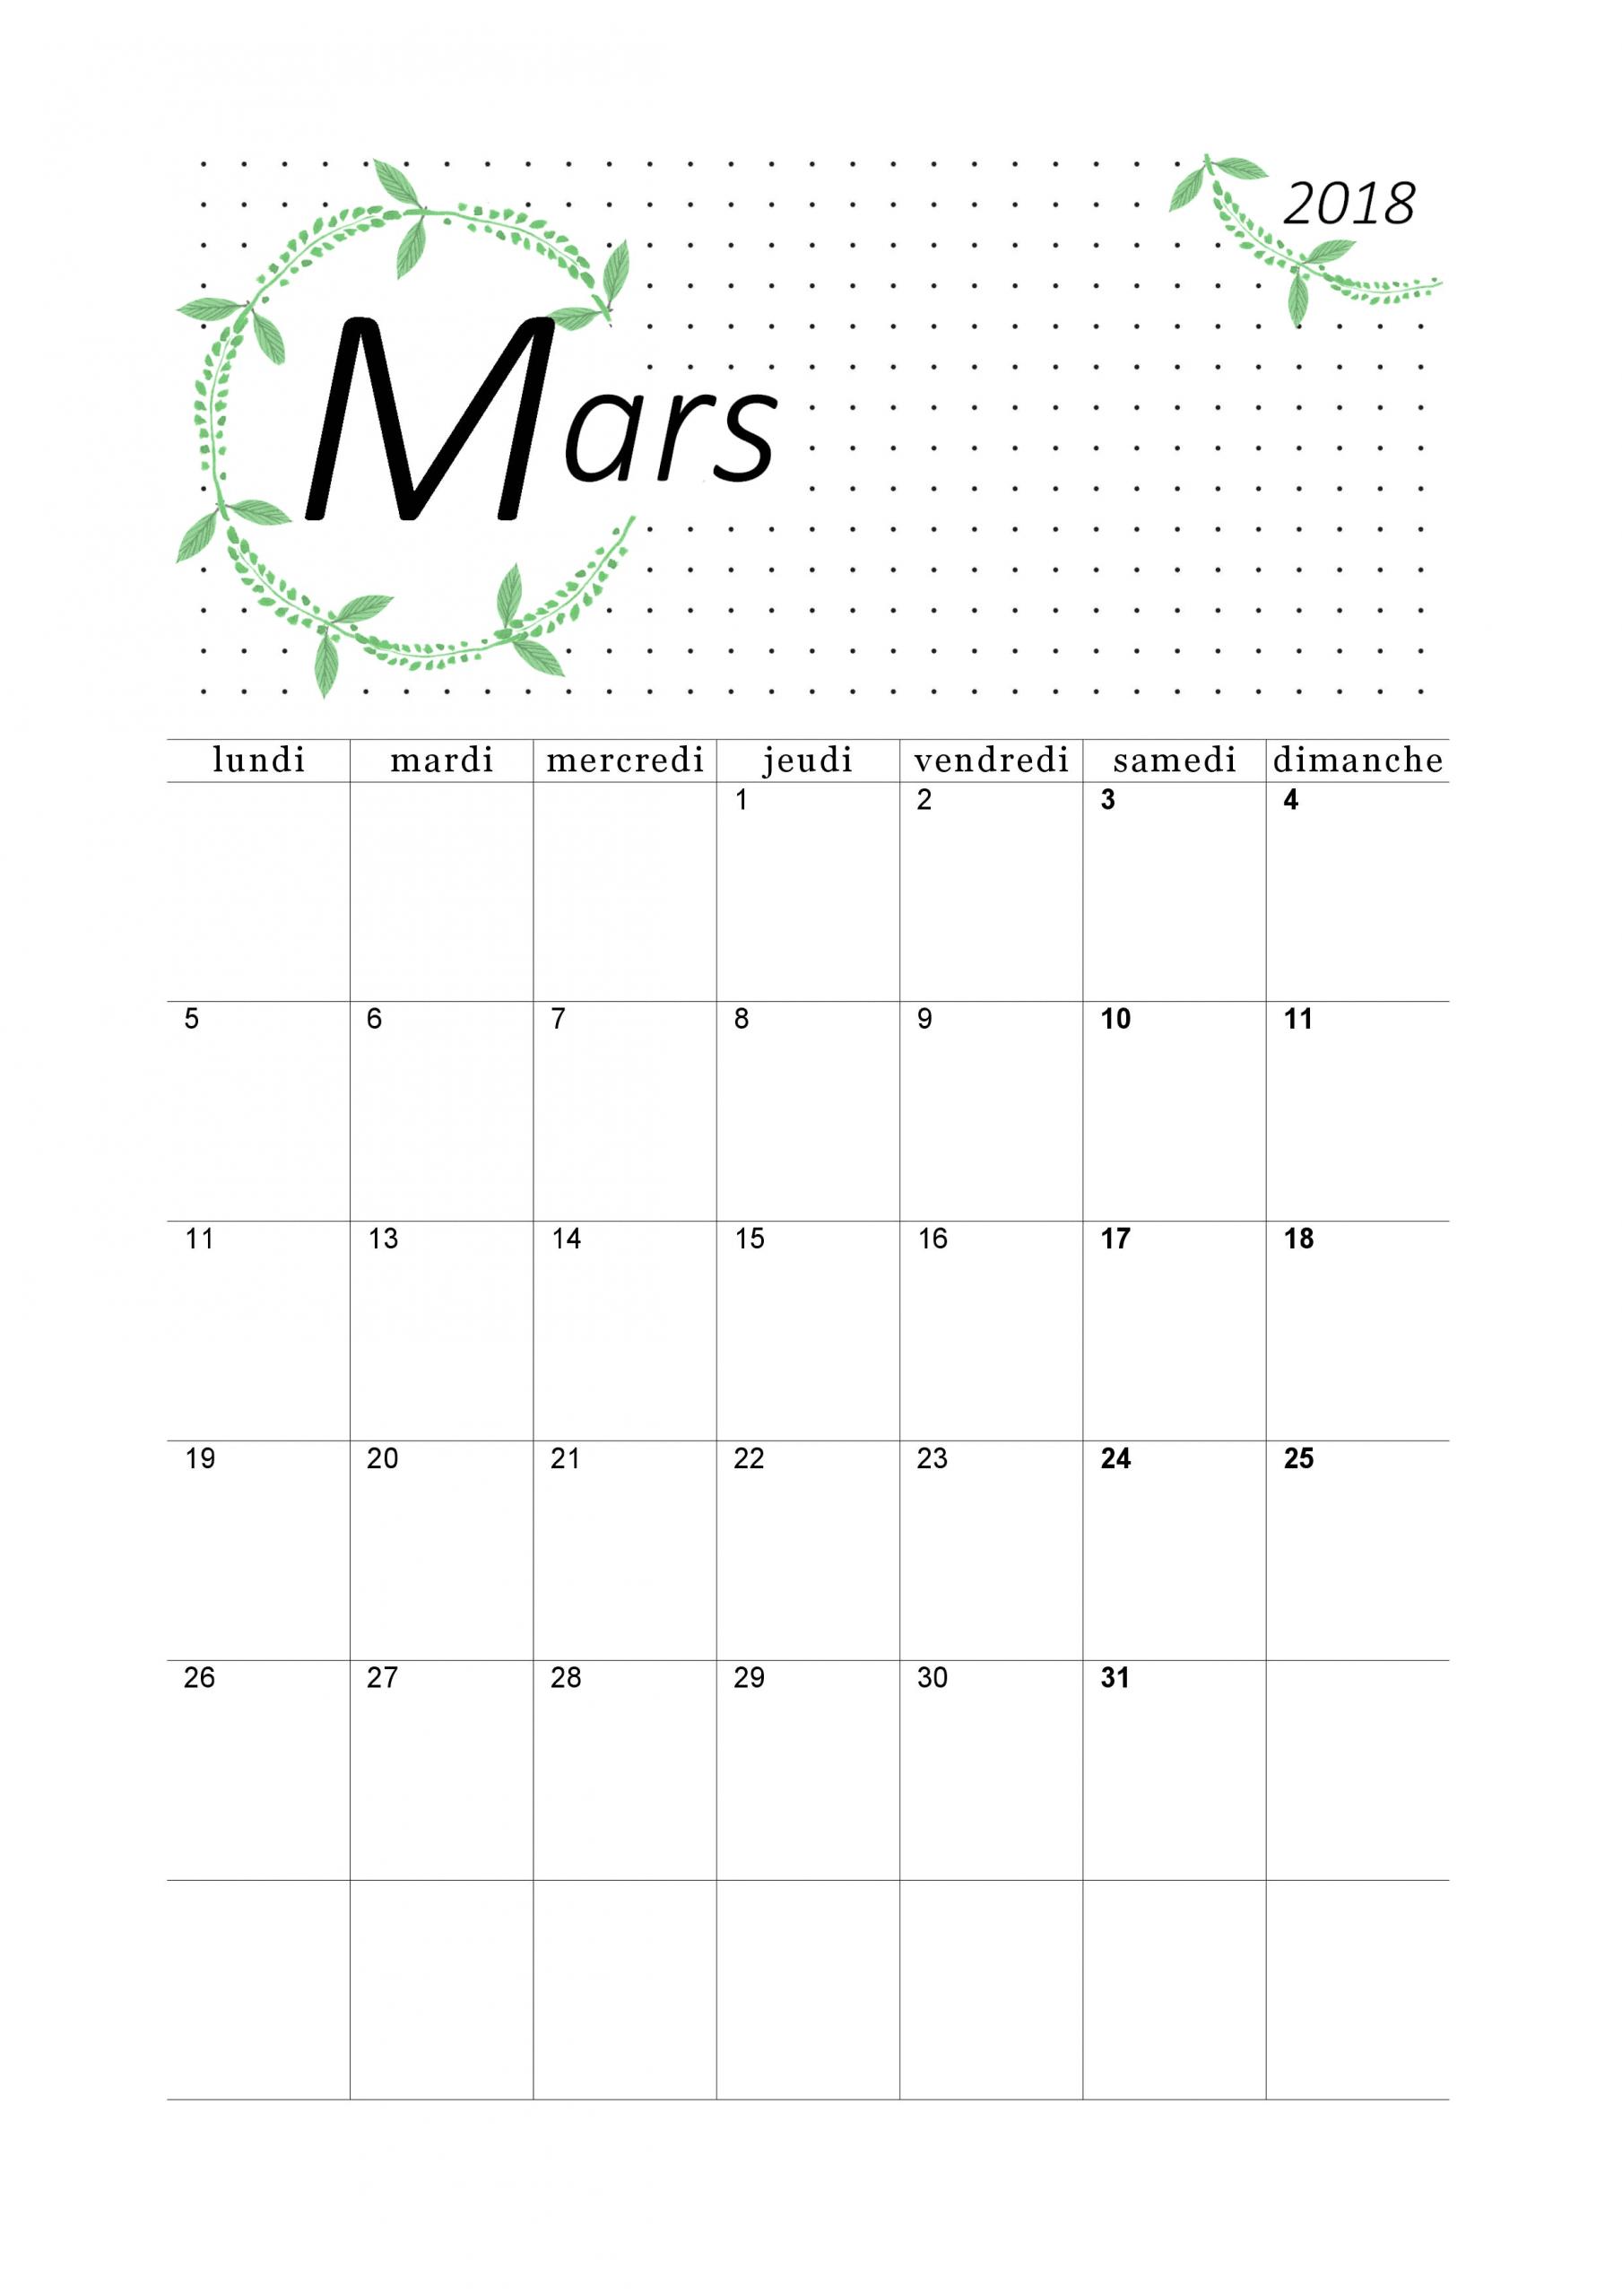 Calendrier De Mars 2018 - Portrait | Loisirs Créatifs encequiconcerne Calendrier Mars 2018 À Imprimer